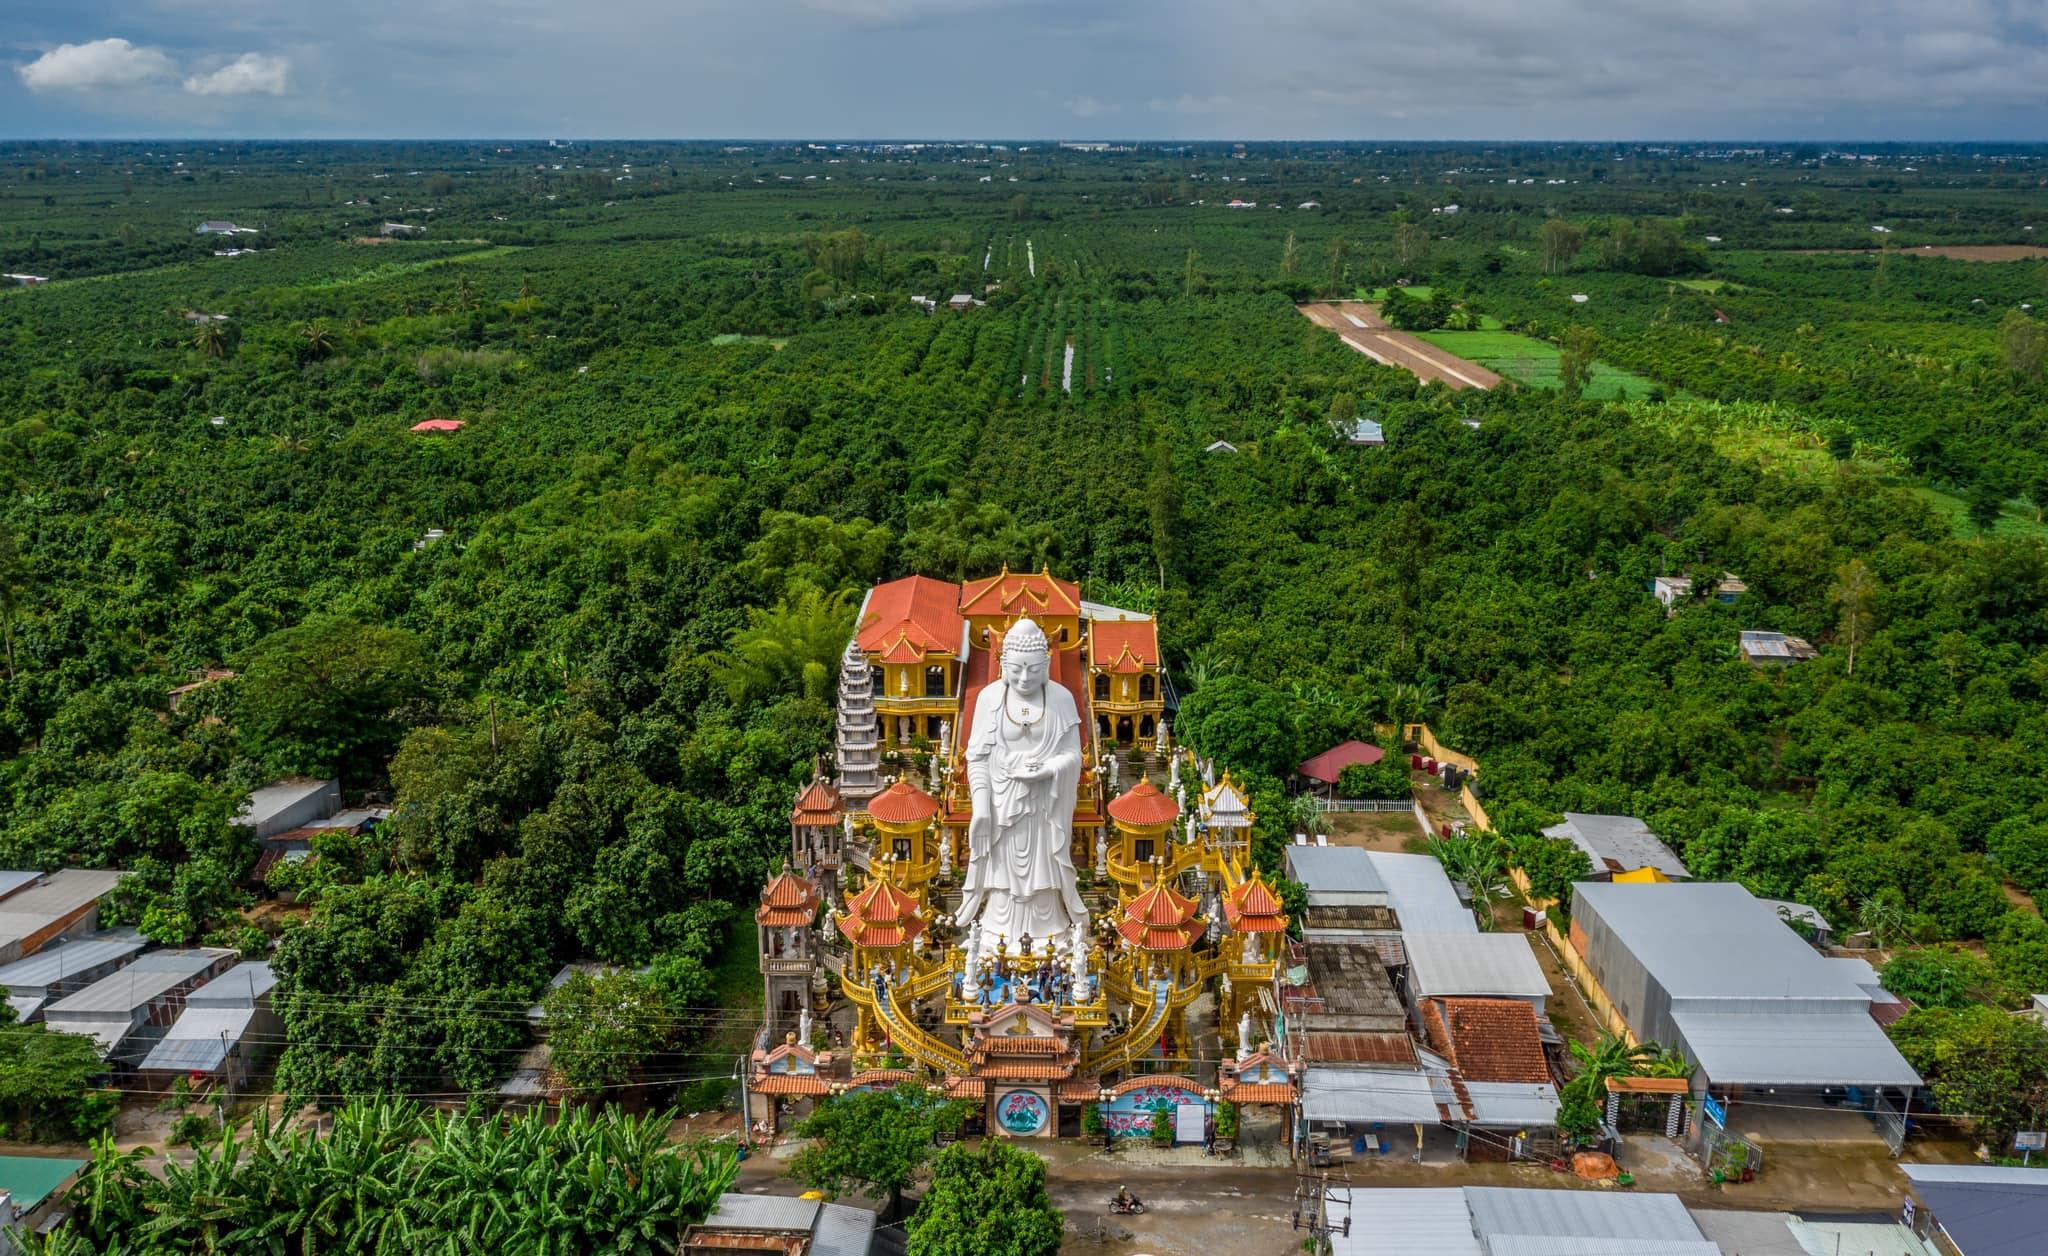 Khung cảnh bạt ngàn sắc xanh của Cù Lao Giêng